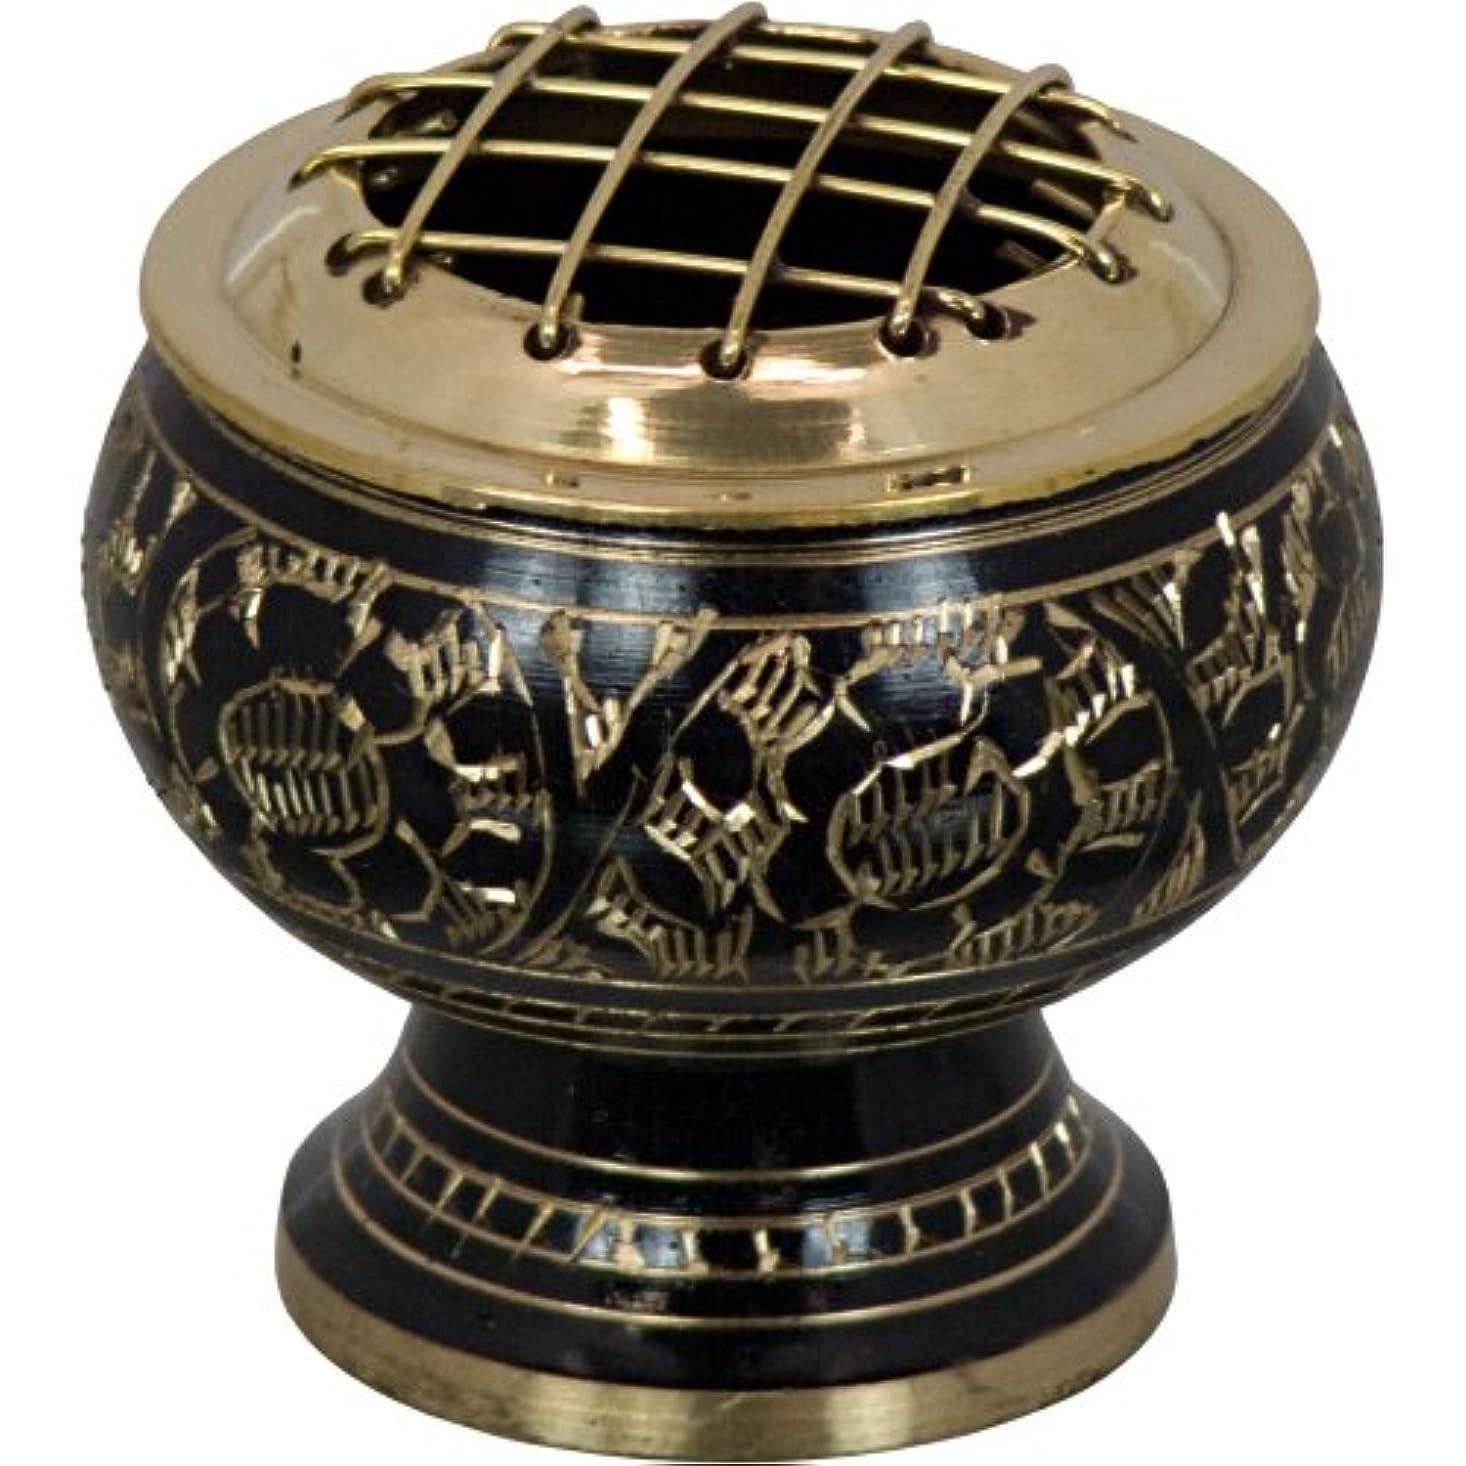 ボーカル思いつくランドマークThe New Ageソース真鍮Incense Burner withグリッドEngraved花BL